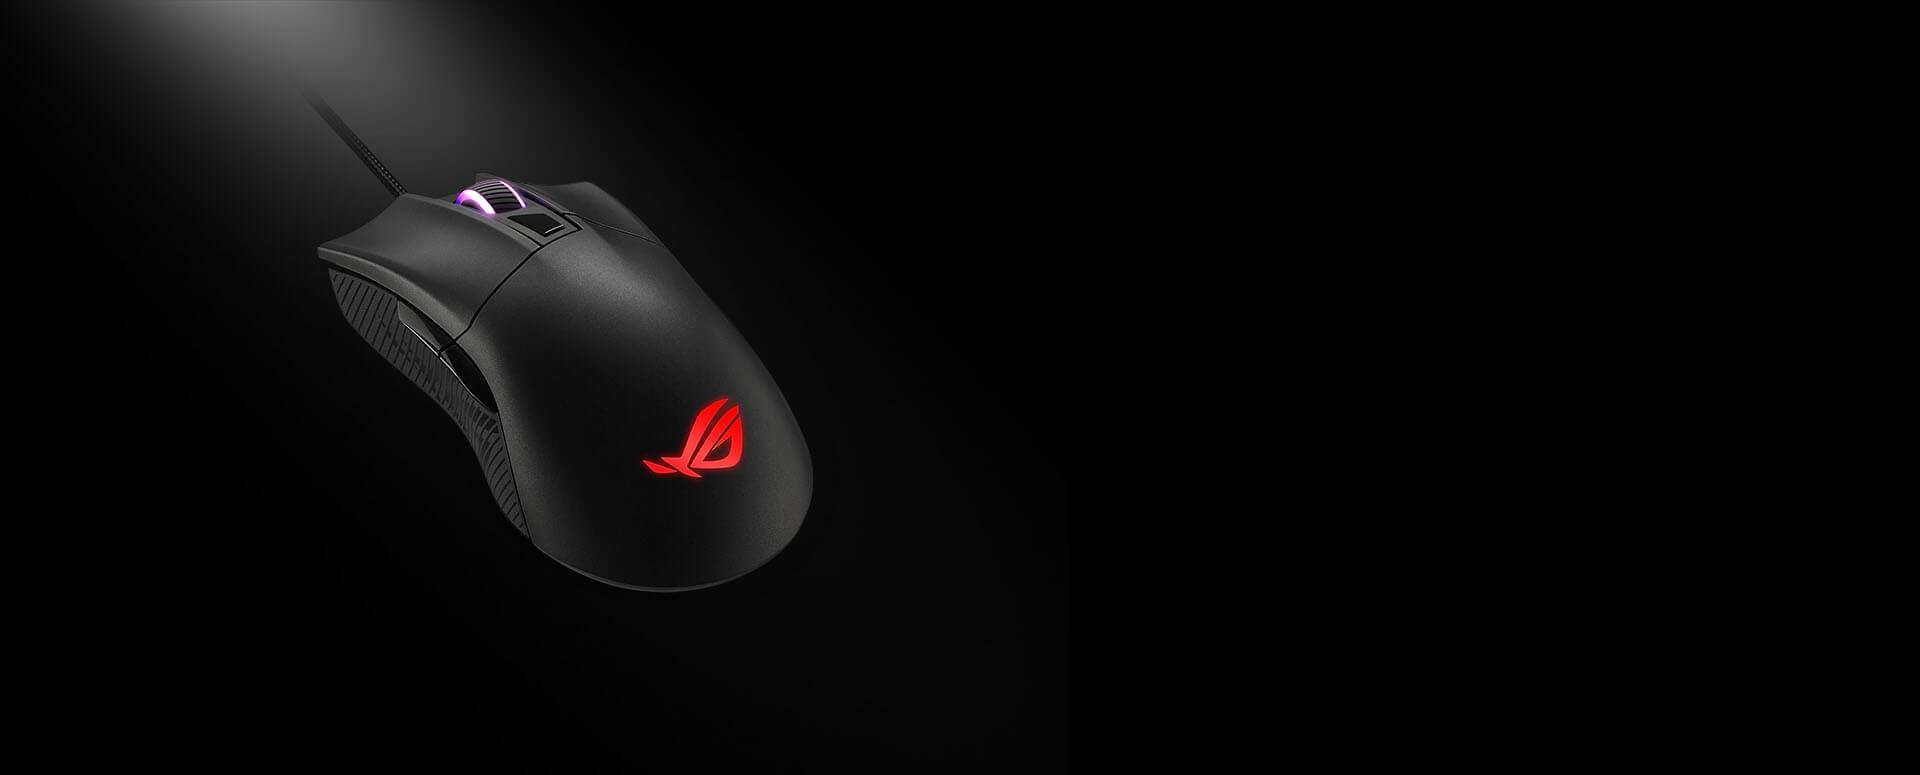 Mắt cảm biến của Chuột Chơi game Asus ROG Gladius II Core (USB/RGB/Black)